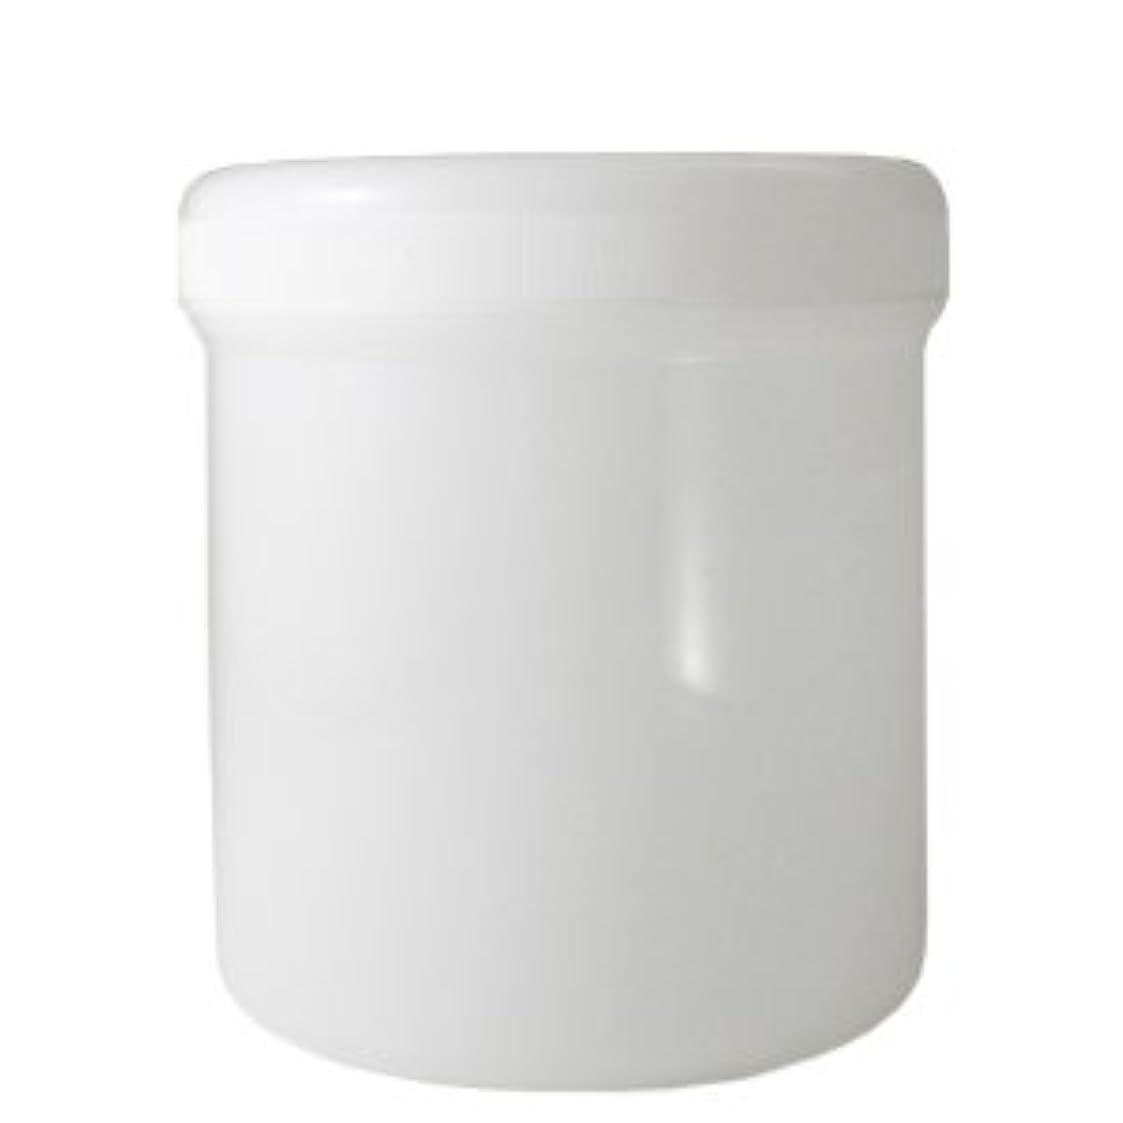 世界の窓うまくやる()分析的ナンコー容器 (クリームジャー) 550ml 【手作り化粧品】